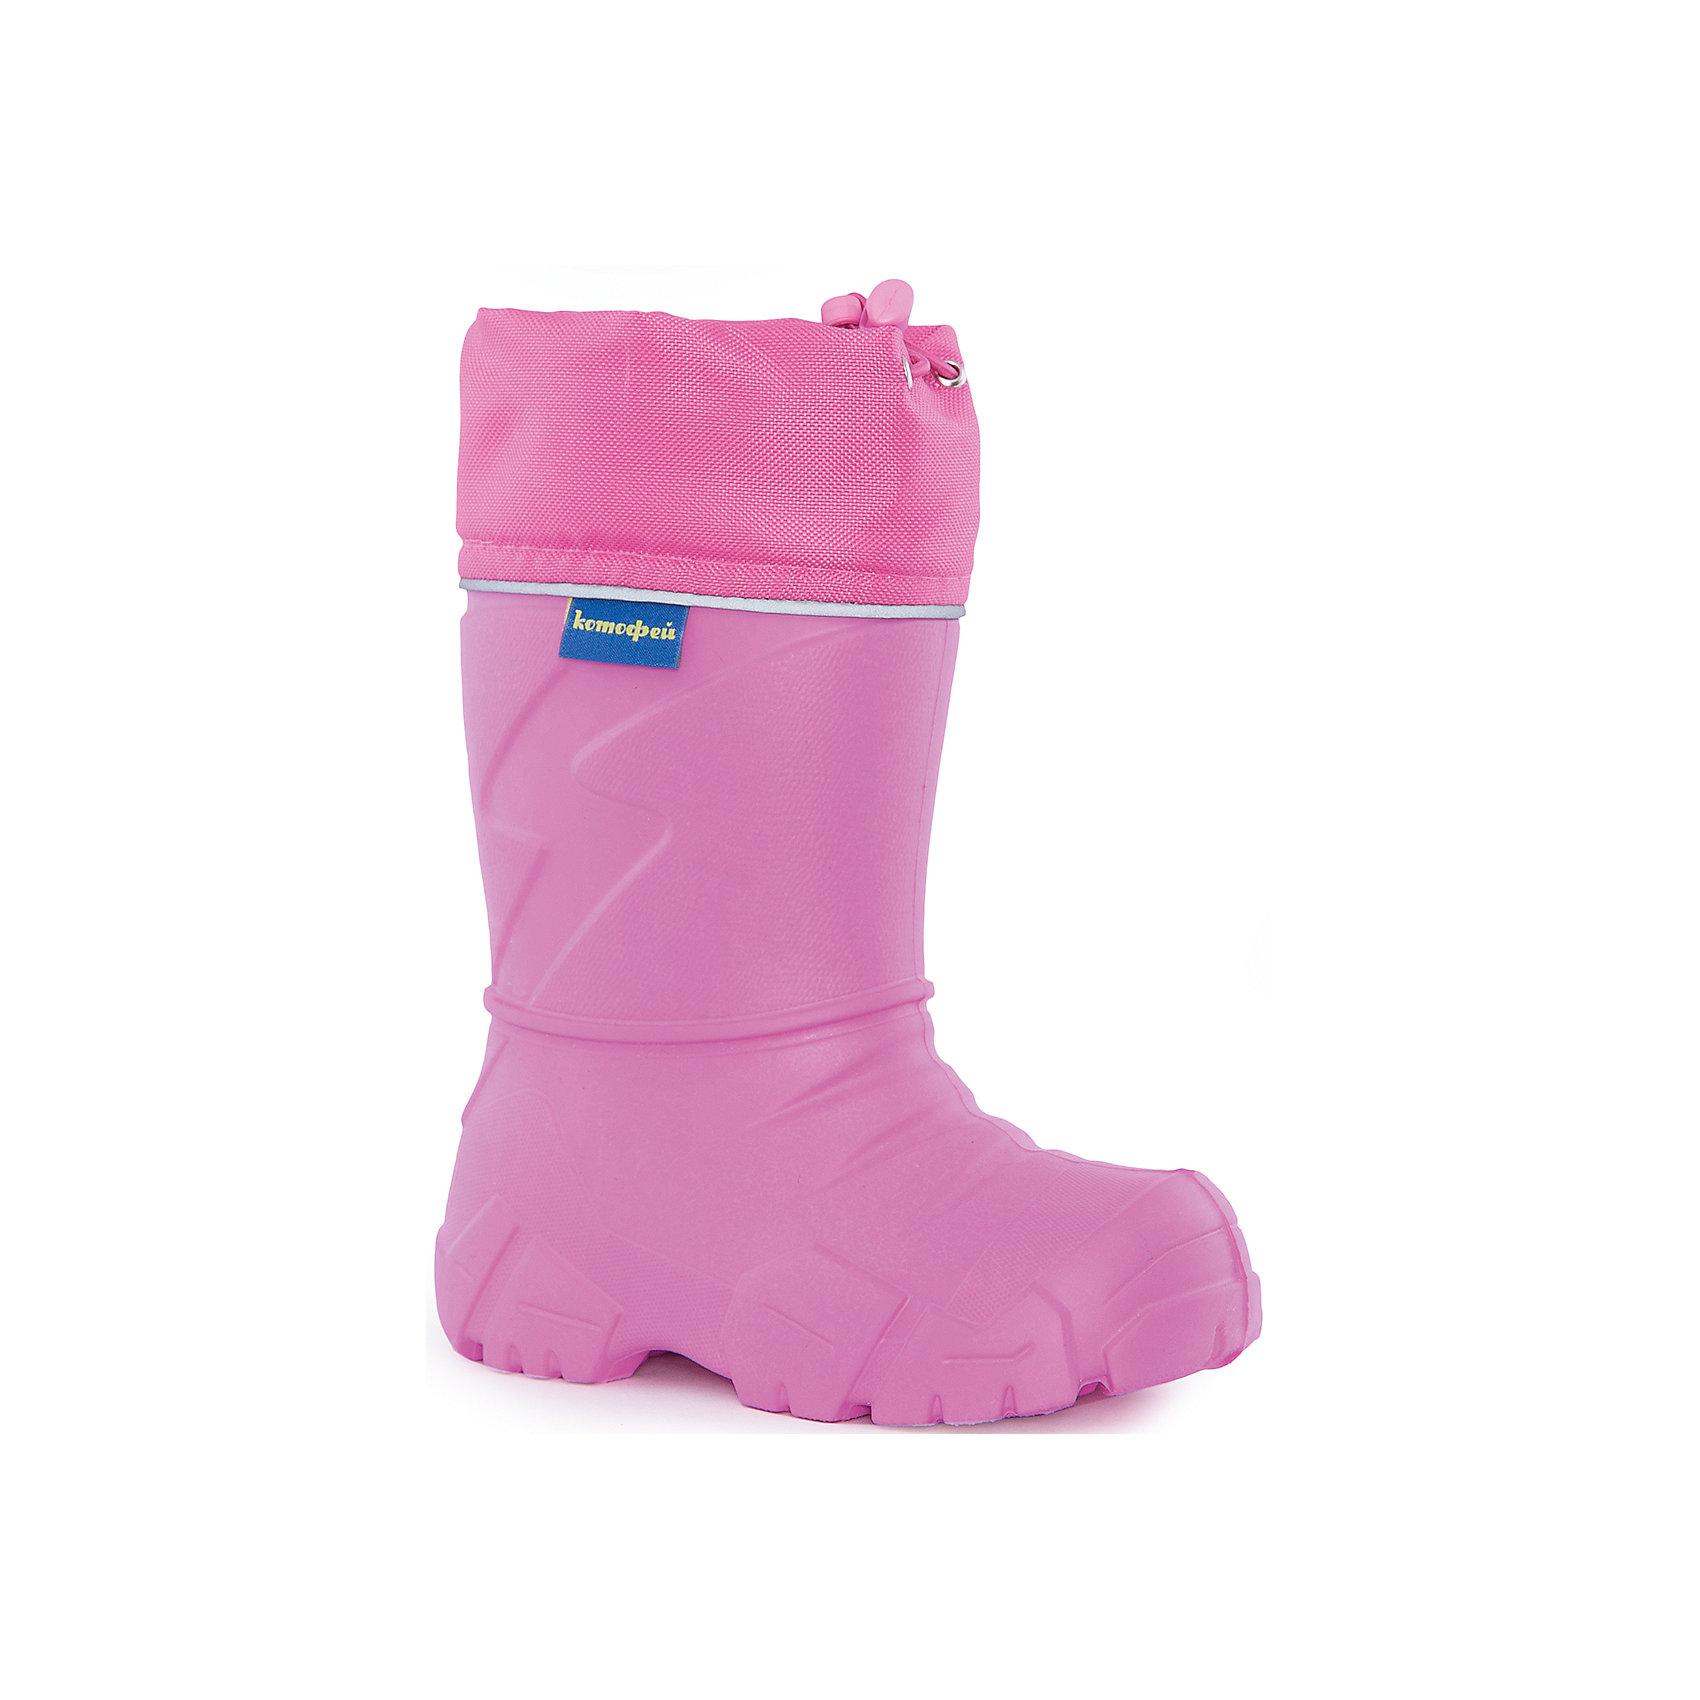 Сапожки для девочки КотофейСапожки для девочки Котофей.<br><br>Характеристики:<br><br>- Внешний материал: ЭВА, текстиль<br>- Внутренний материал: мех шерстяной из натуральной овечьей шерсти<br>- Подошва: ЭВА<br>- Тип застежки: шнурок-утяжка с фиксатором<br>- Вид крепления обуви: литьевой<br>- Цвет: розовый<br>- Сезон: демисезон<br>- Пол: для девочек<br><br>Сапожки для девочки торговой марки Котофей созданы для холодного слякотного межсезонья и сырой снежной зимы. Сапожки изготовлены из невесомого материала ЭВА. Манжет - из непромокаемого материала с фиксатором для создания приталенности и герметичности конструкции. Внутри чулок из натуральной овечьей шерсти. Детская обувь «Котофей» качественна, красива, добротна, комфортна и долговечна. Она производится на Егорьевской обувной фабрике. Жесткий контроль производства и постоянное совершенствование технологий при многолетнем опыте позволяют считать компанию одним из лидеров среди отечественных производителей детской обуви.<br><br>Сапожки для девочки Котофей можно купить в нашем интернет-магазине.<br><br>Ширина мм: 262<br>Глубина мм: 176<br>Высота мм: 97<br>Вес г: 427<br>Цвет: розовый<br>Возраст от месяцев: 60<br>Возраст до месяцев: 72<br>Пол: Женский<br>Возраст: Детский<br>Размер: 29,33,31<br>SKU: 5086885